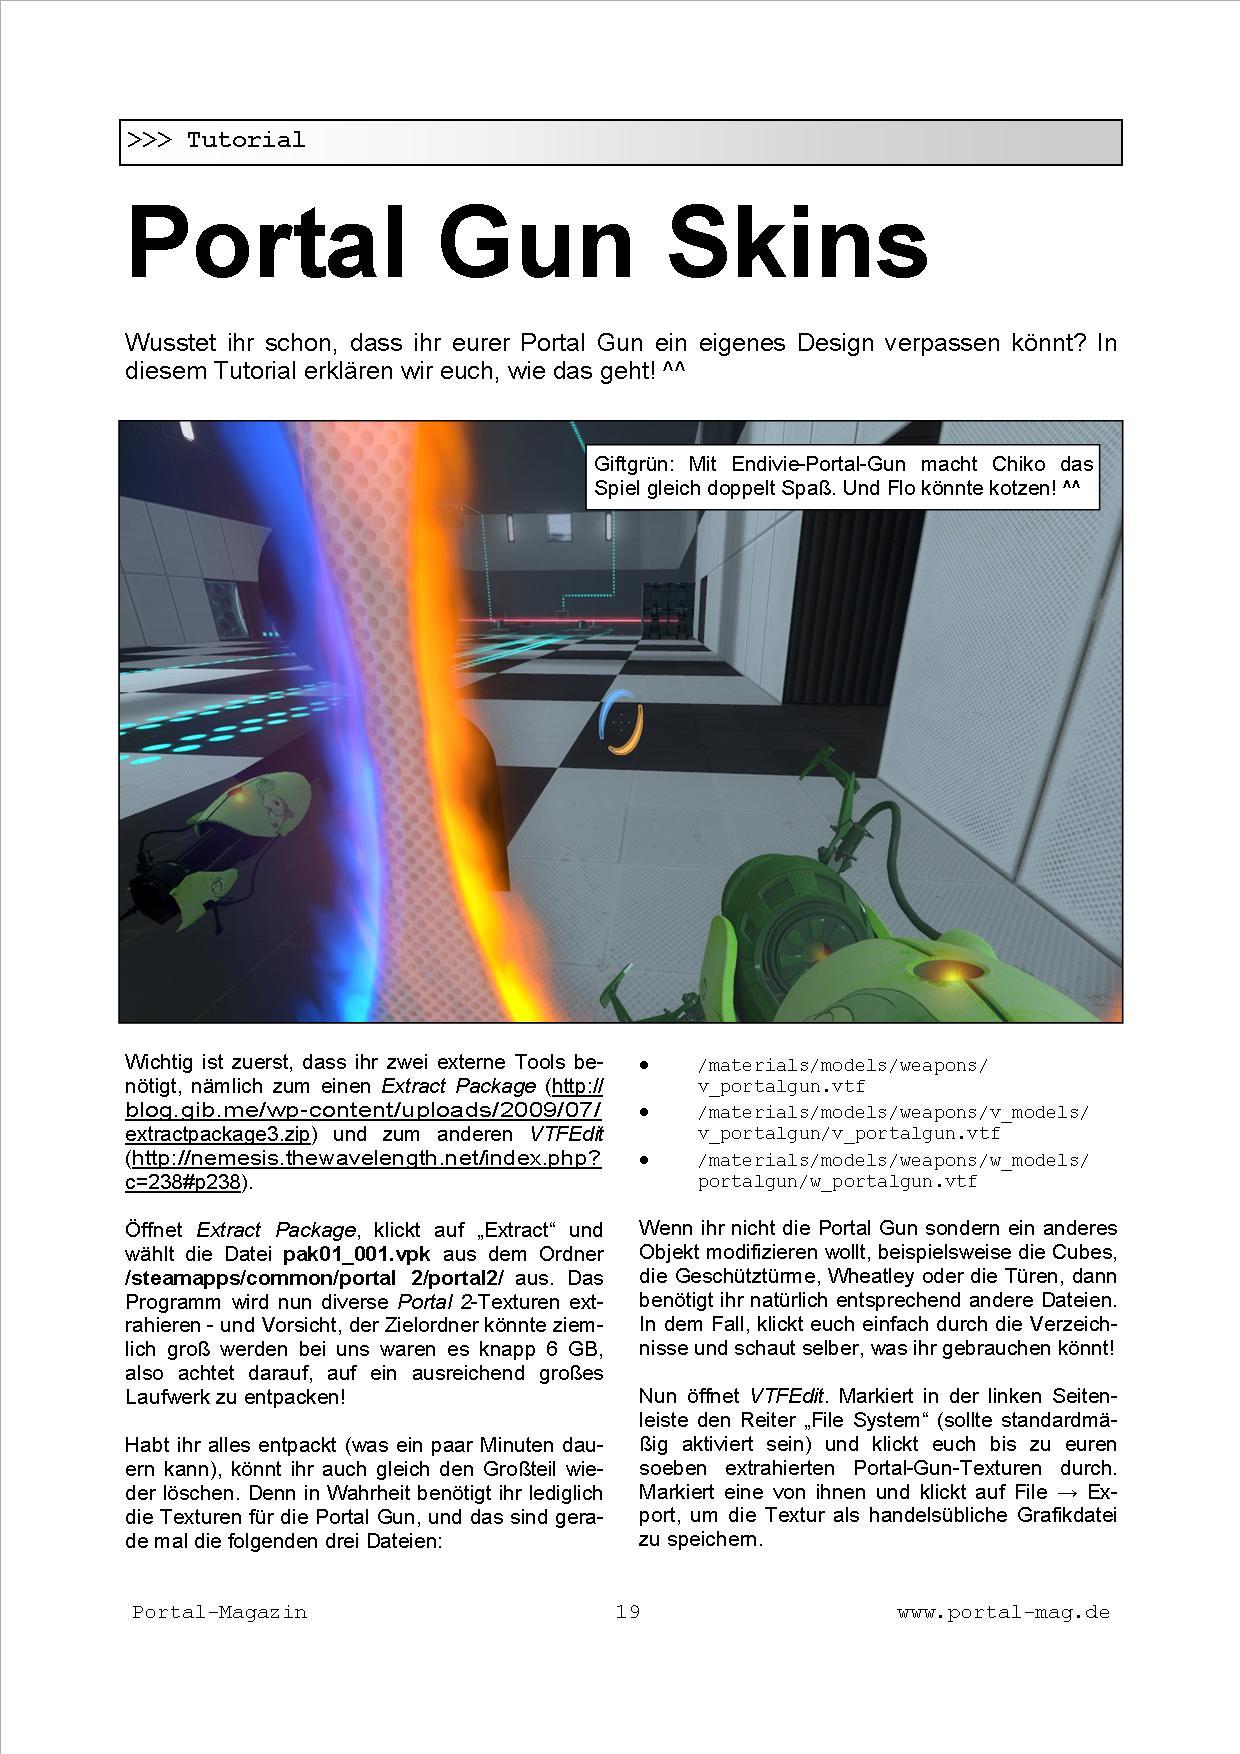 Ausgabe 36, Seite 19